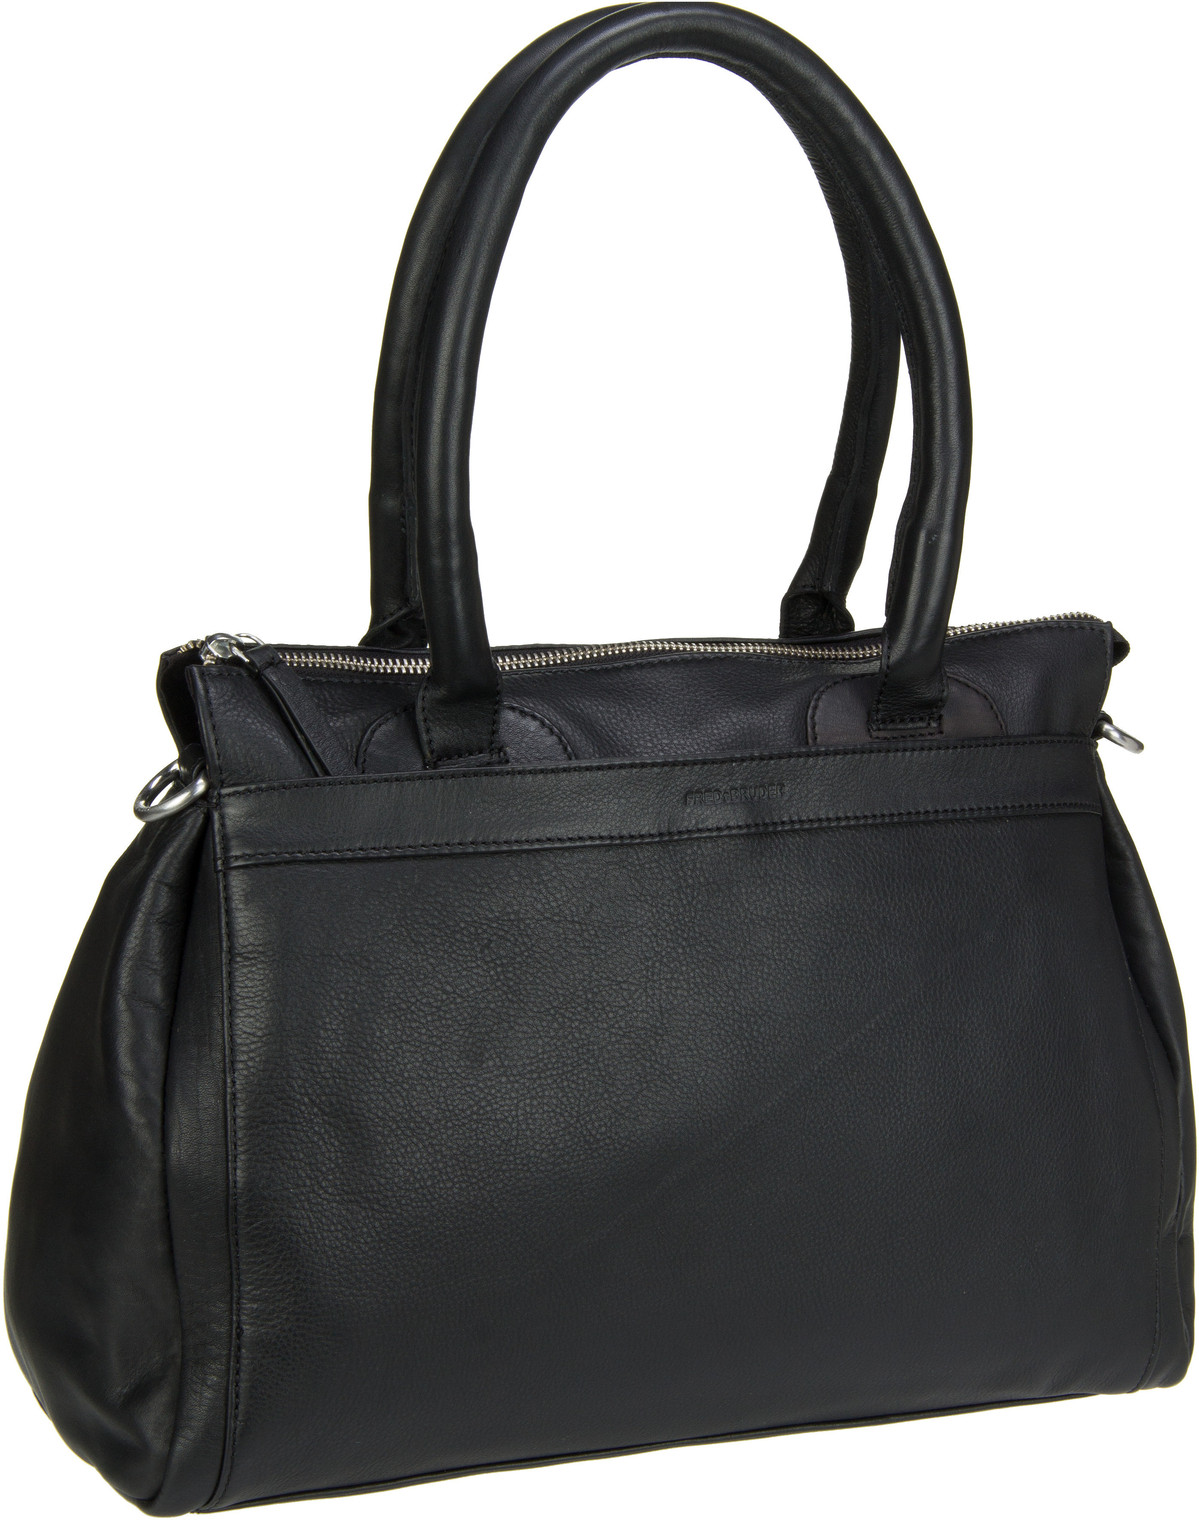 Handtasche Leen Black